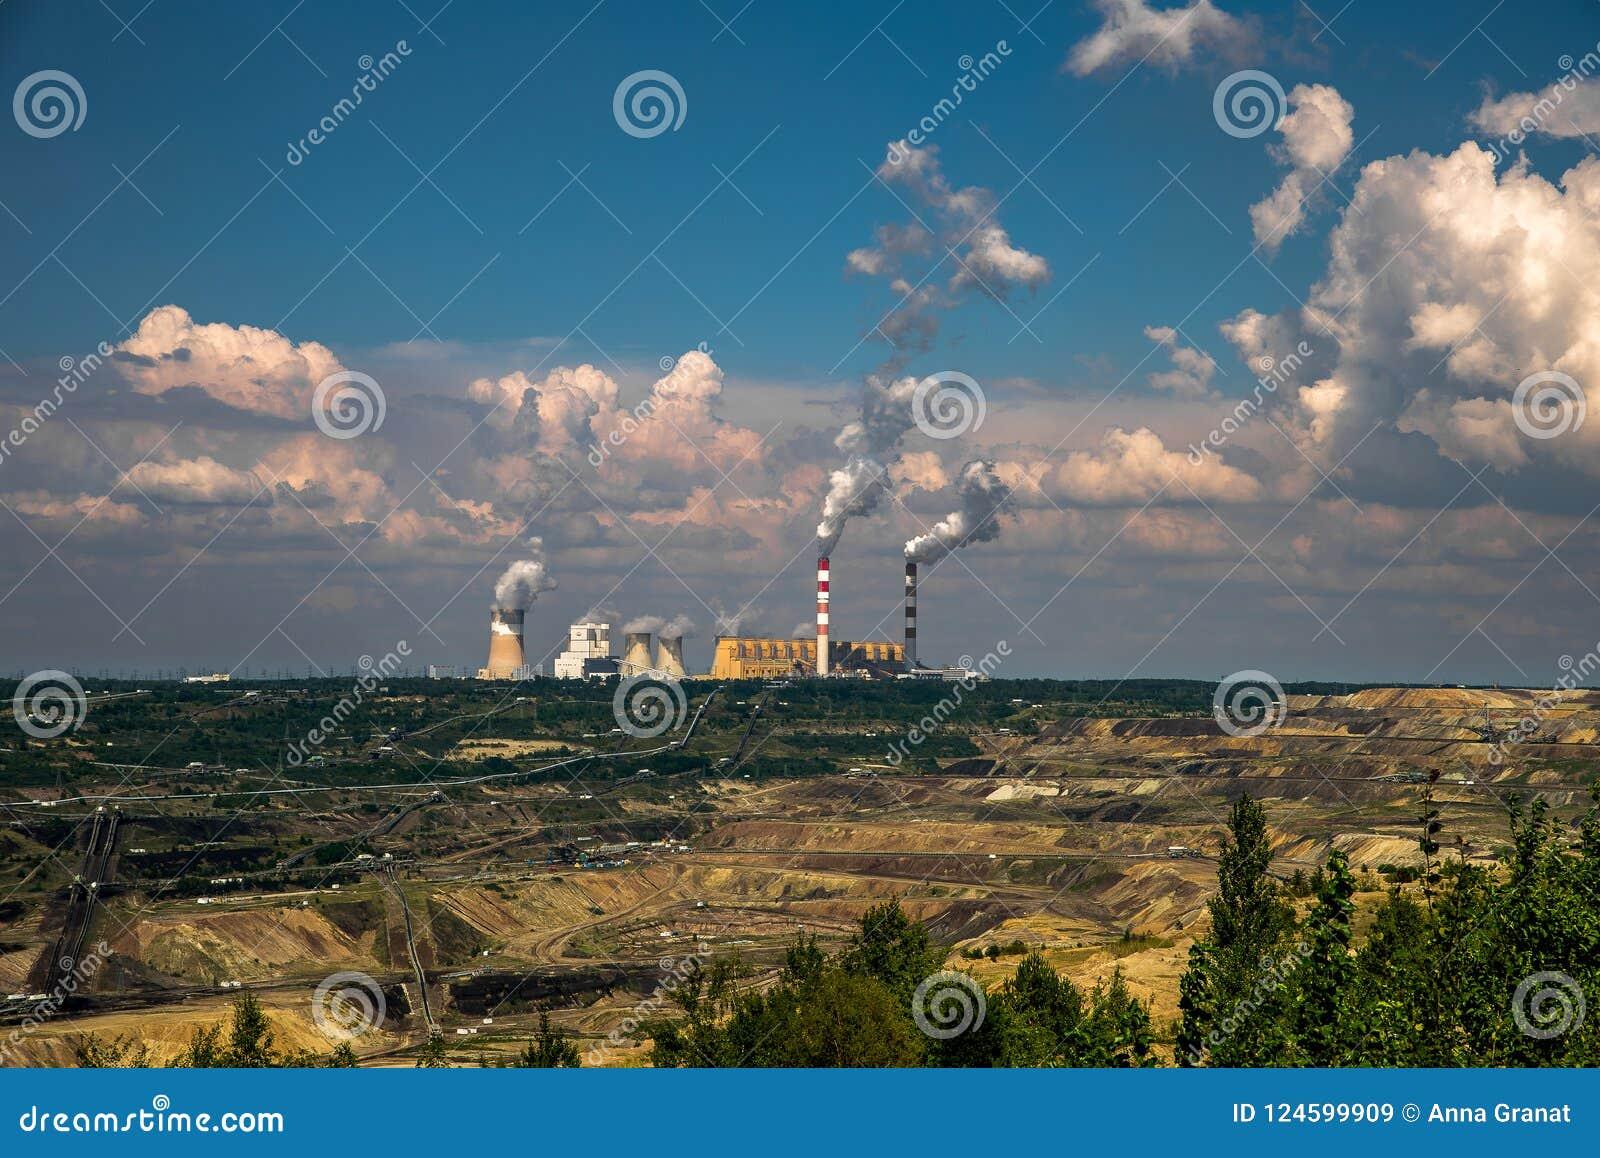 Ein ungewöhnliches Großkraftwerk